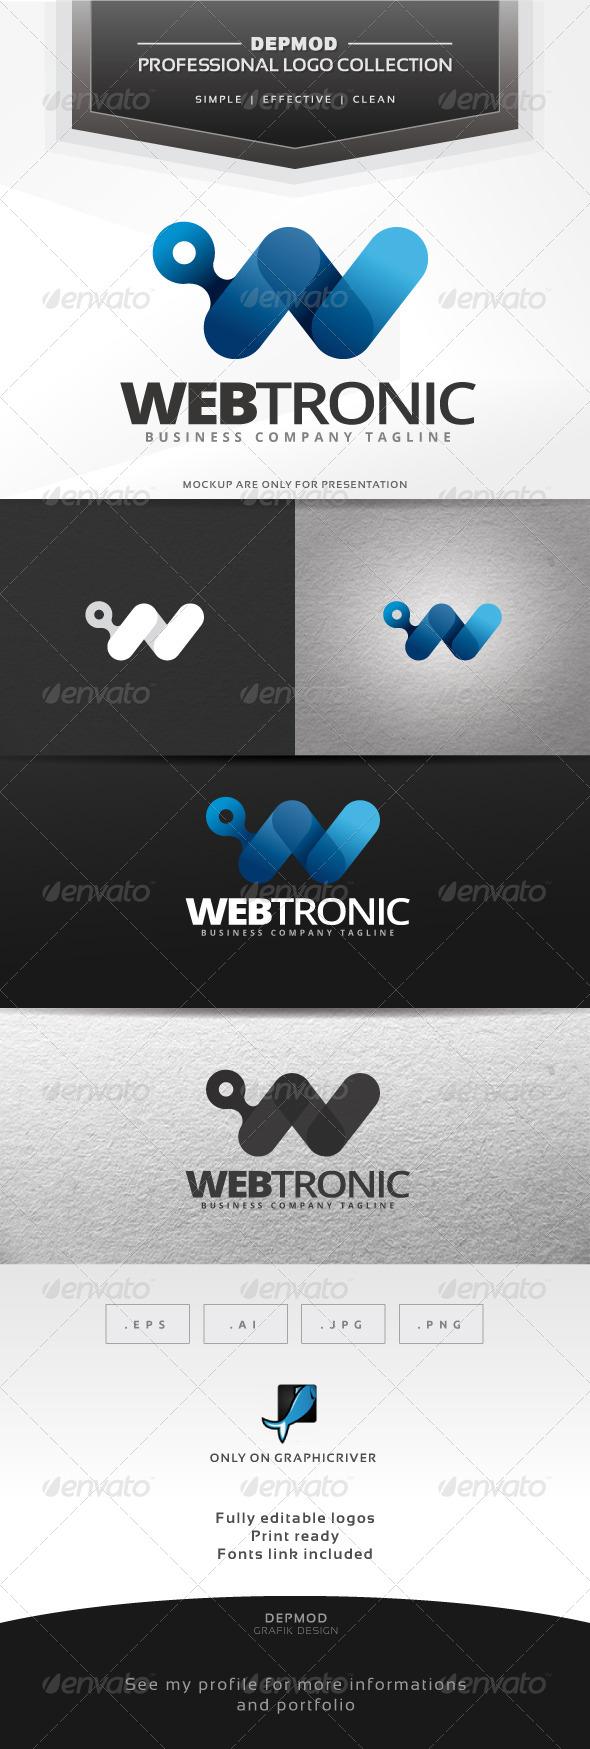 GraphicRiver Webtronic Logo 7055686